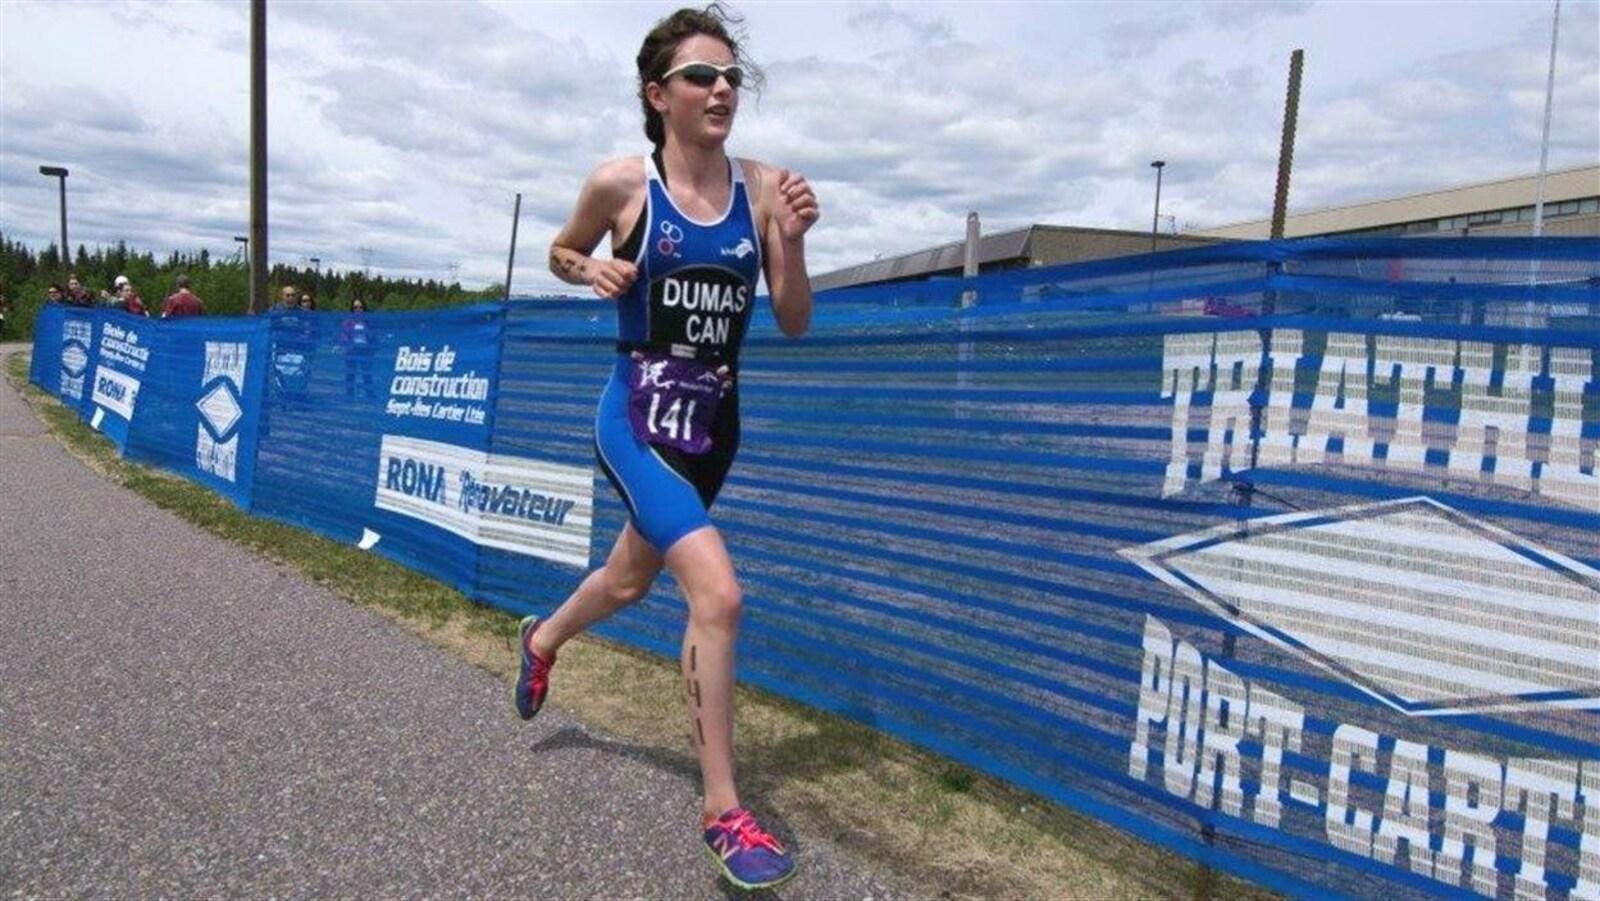 La triathlonienne Claudelle Dumas de Port-Cartier.